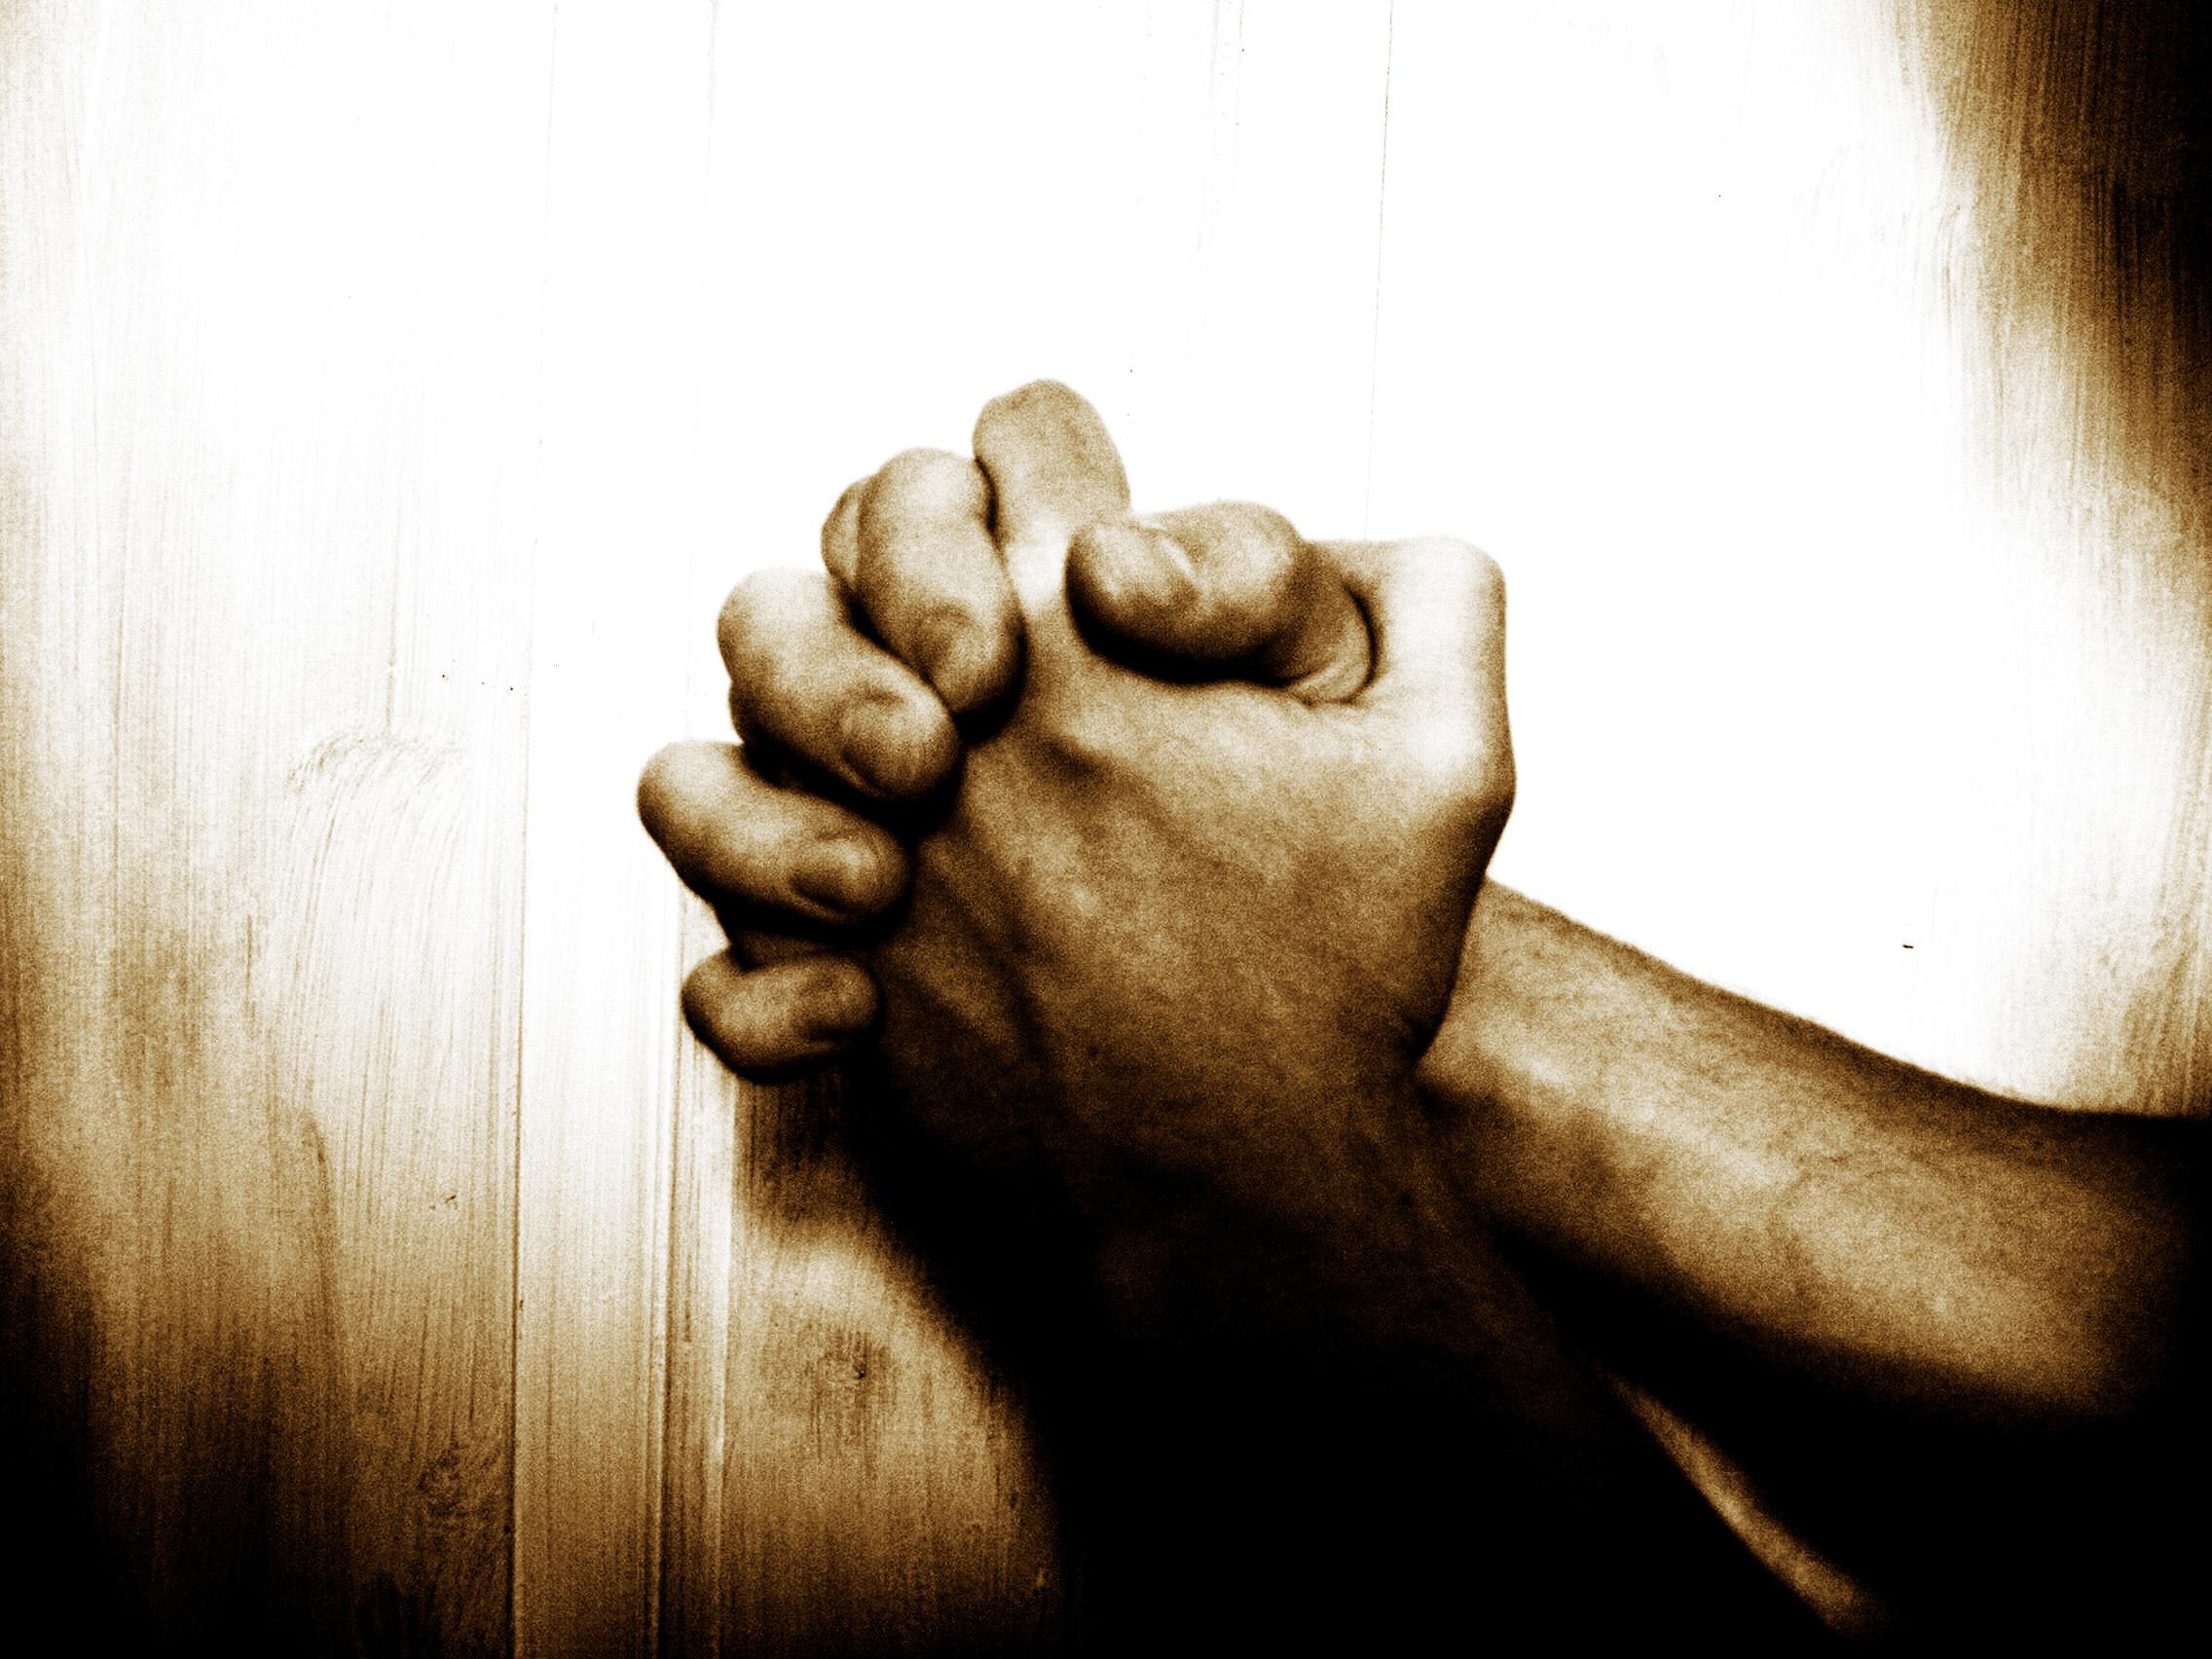 New Autumn Prayer Resource